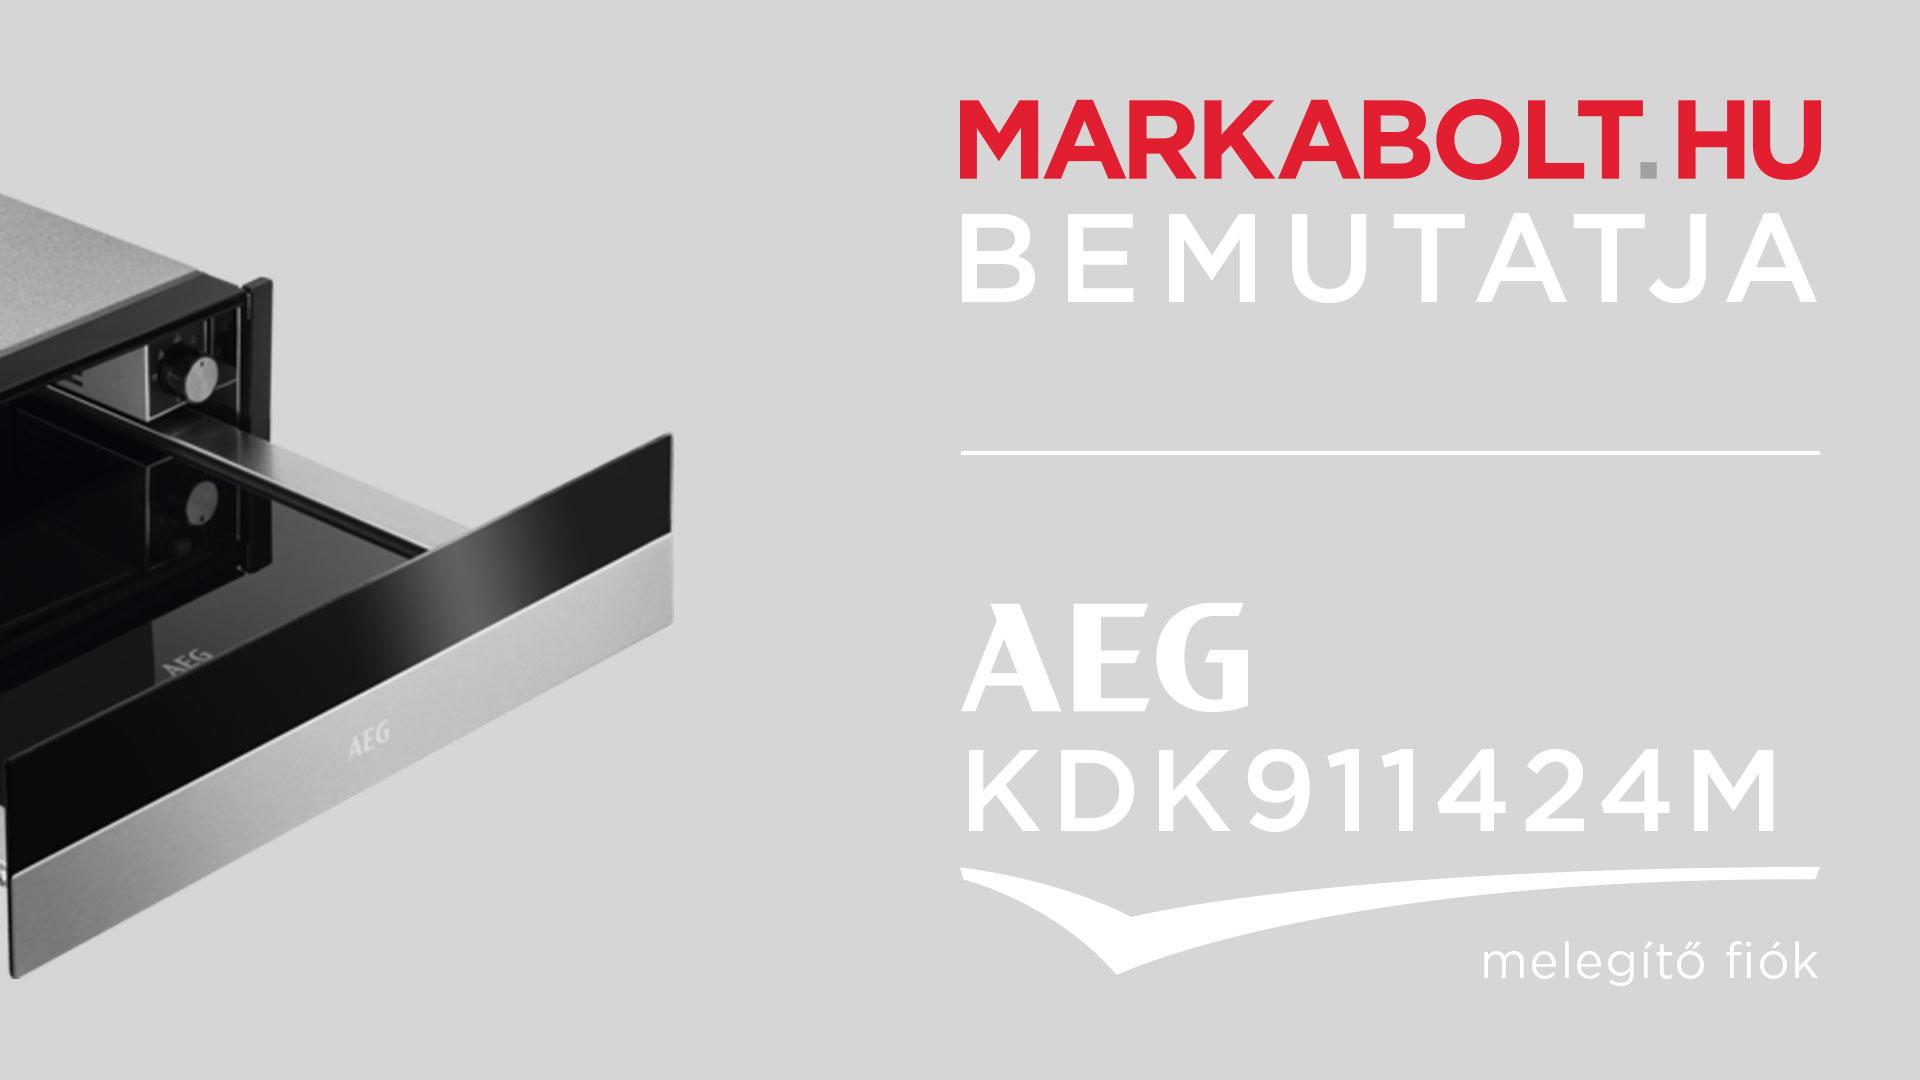 AEG KDK911424M melegen tartó fiók 139 900 Ft